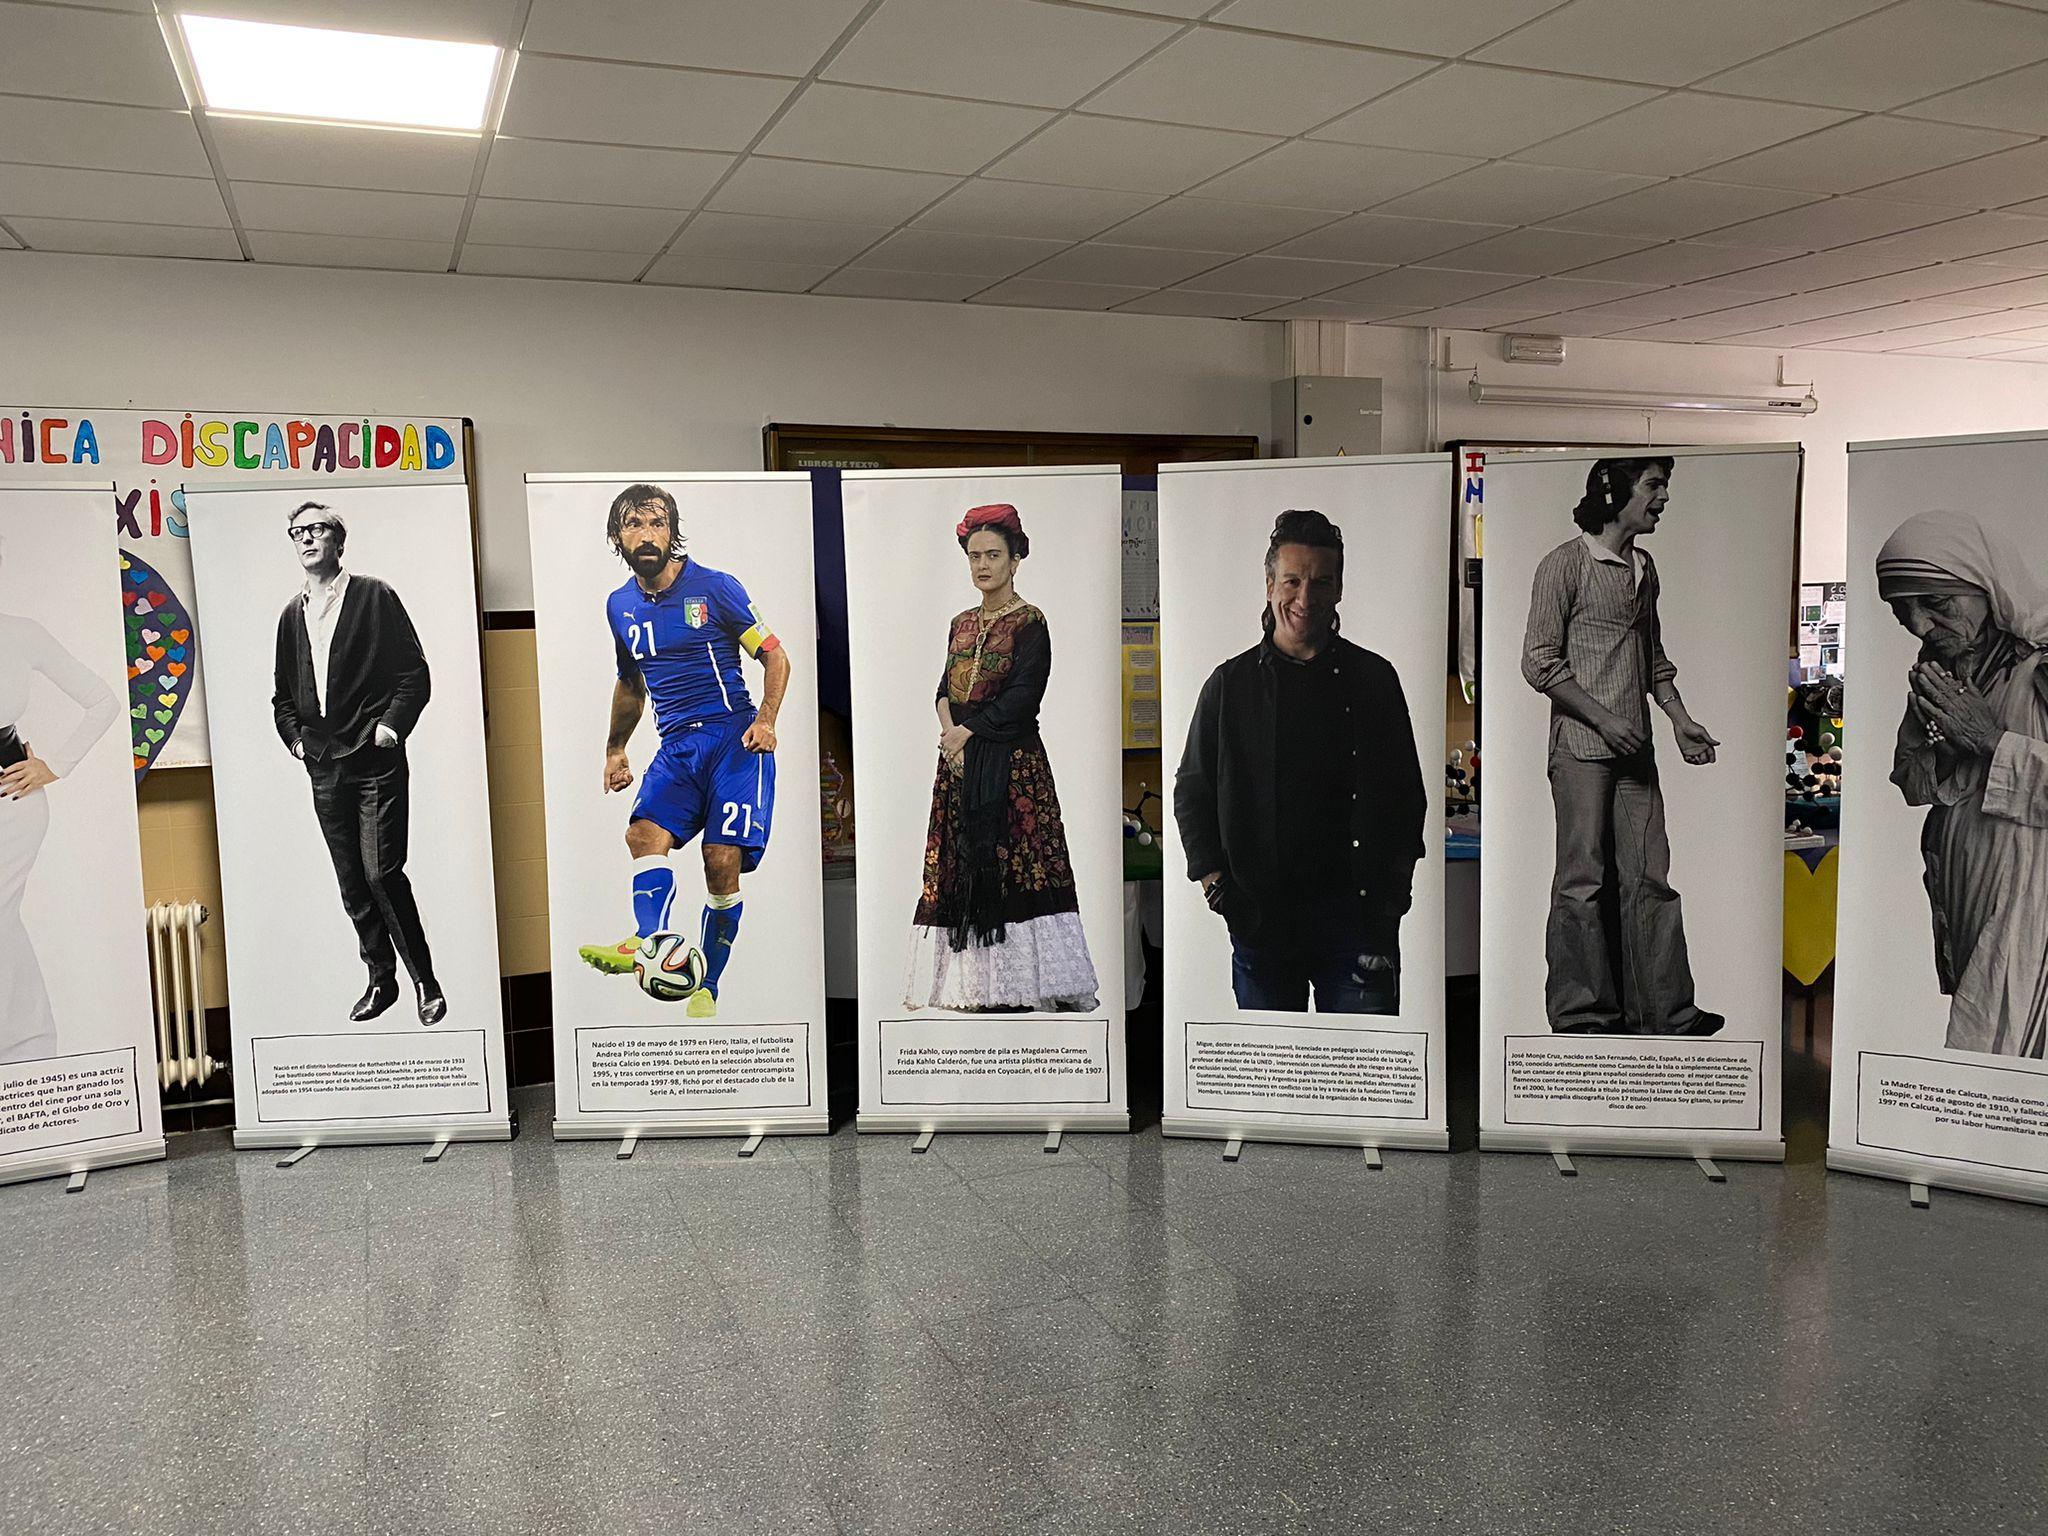 Una exposición acerca a los jóvenes de Huétor Tájar la figura de gitanos célebres como Elvis Presley o Frida Khalo